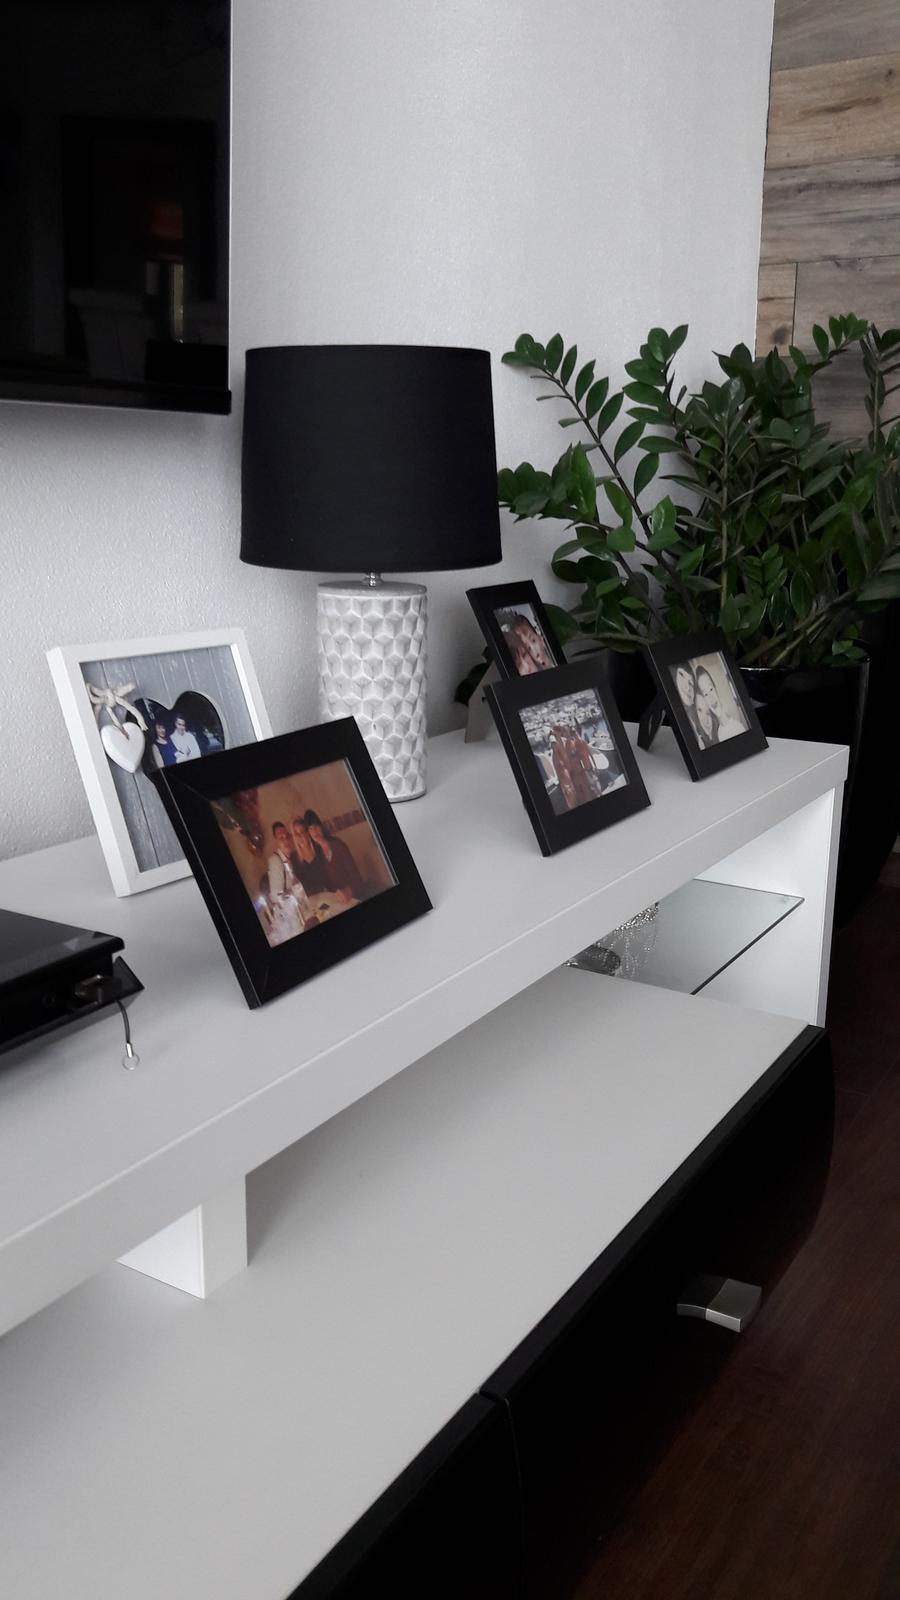 Náš domov :) - Dneska som si urobila radosť novými lampami 😉